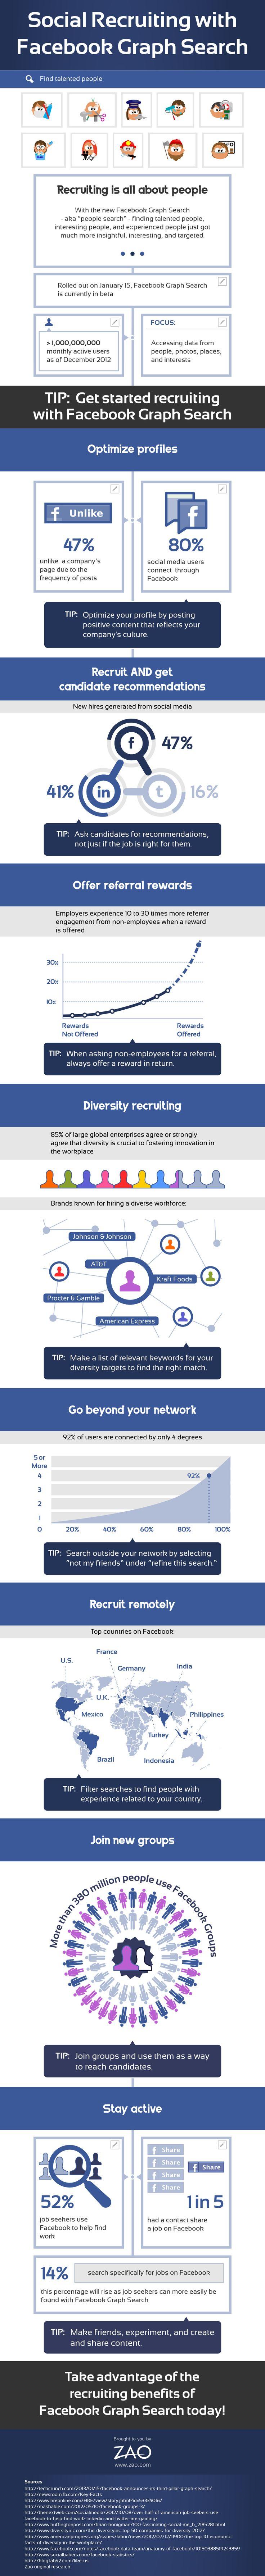 Social #Recruiting with #Facebook #GraphSearch | zao.com